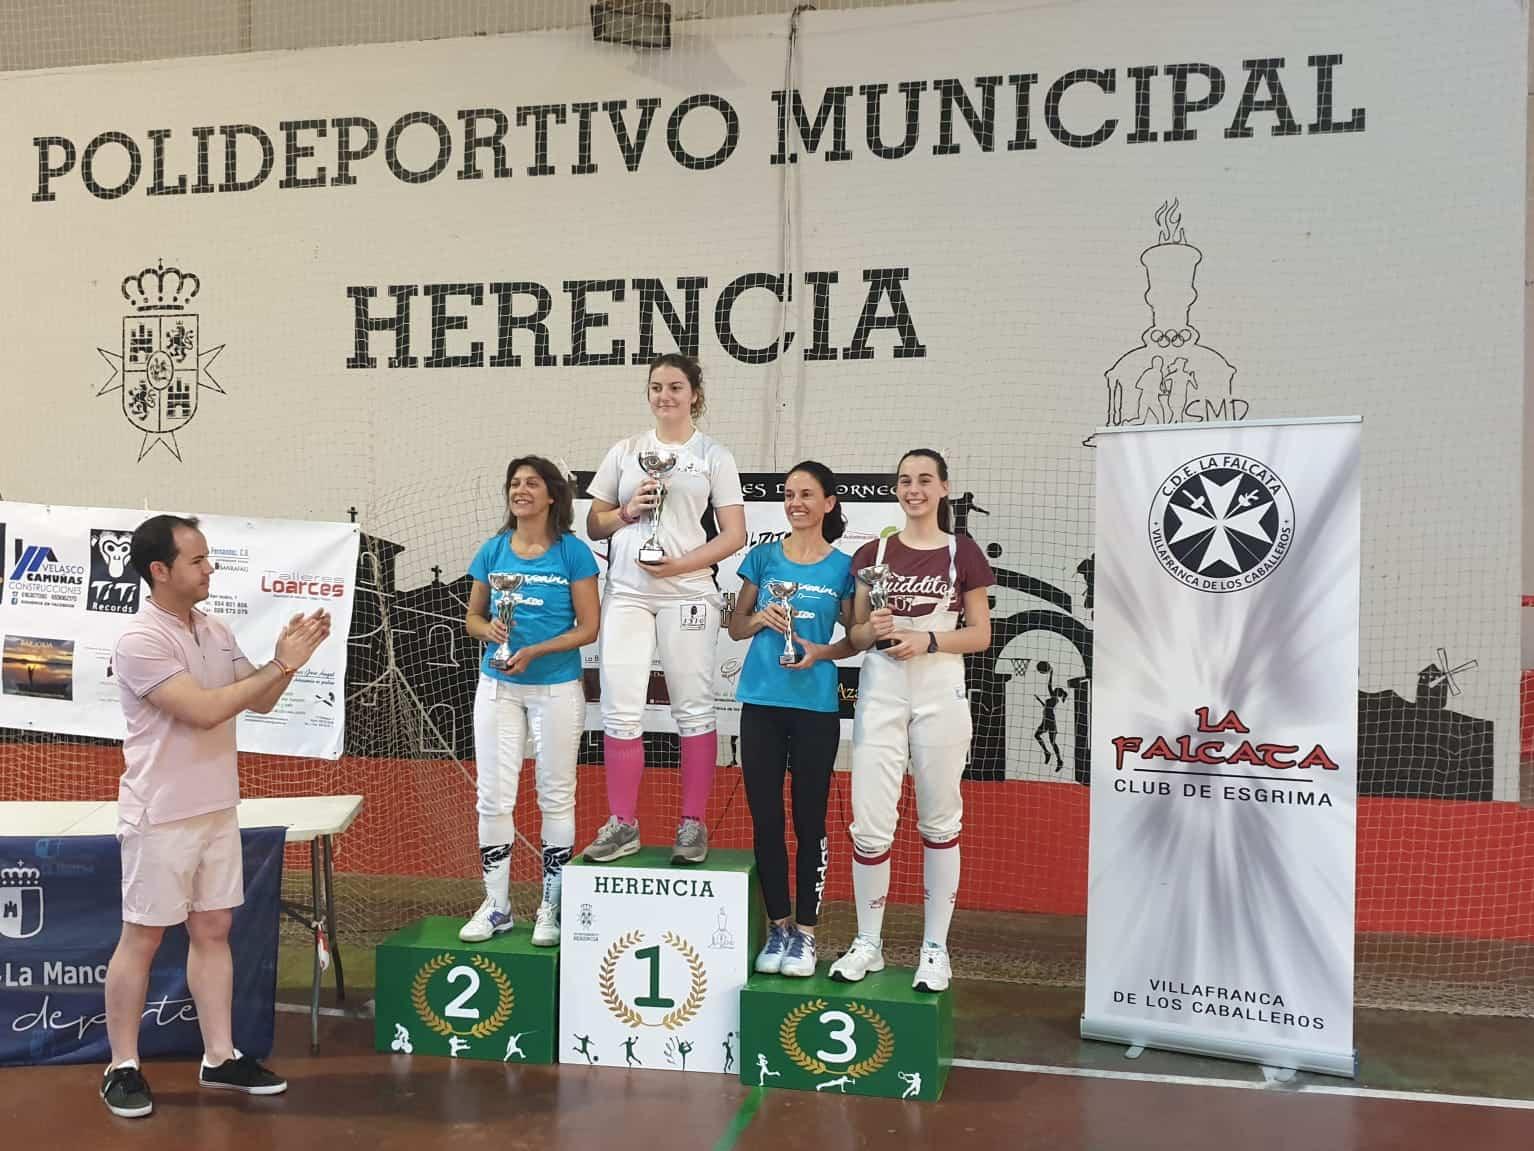 Campeonato Senior de Esgrima de Castilla La Mancha tiradoras - Herencia acoge el Campeonato Senior de Esgrima de Castilla La Mancha